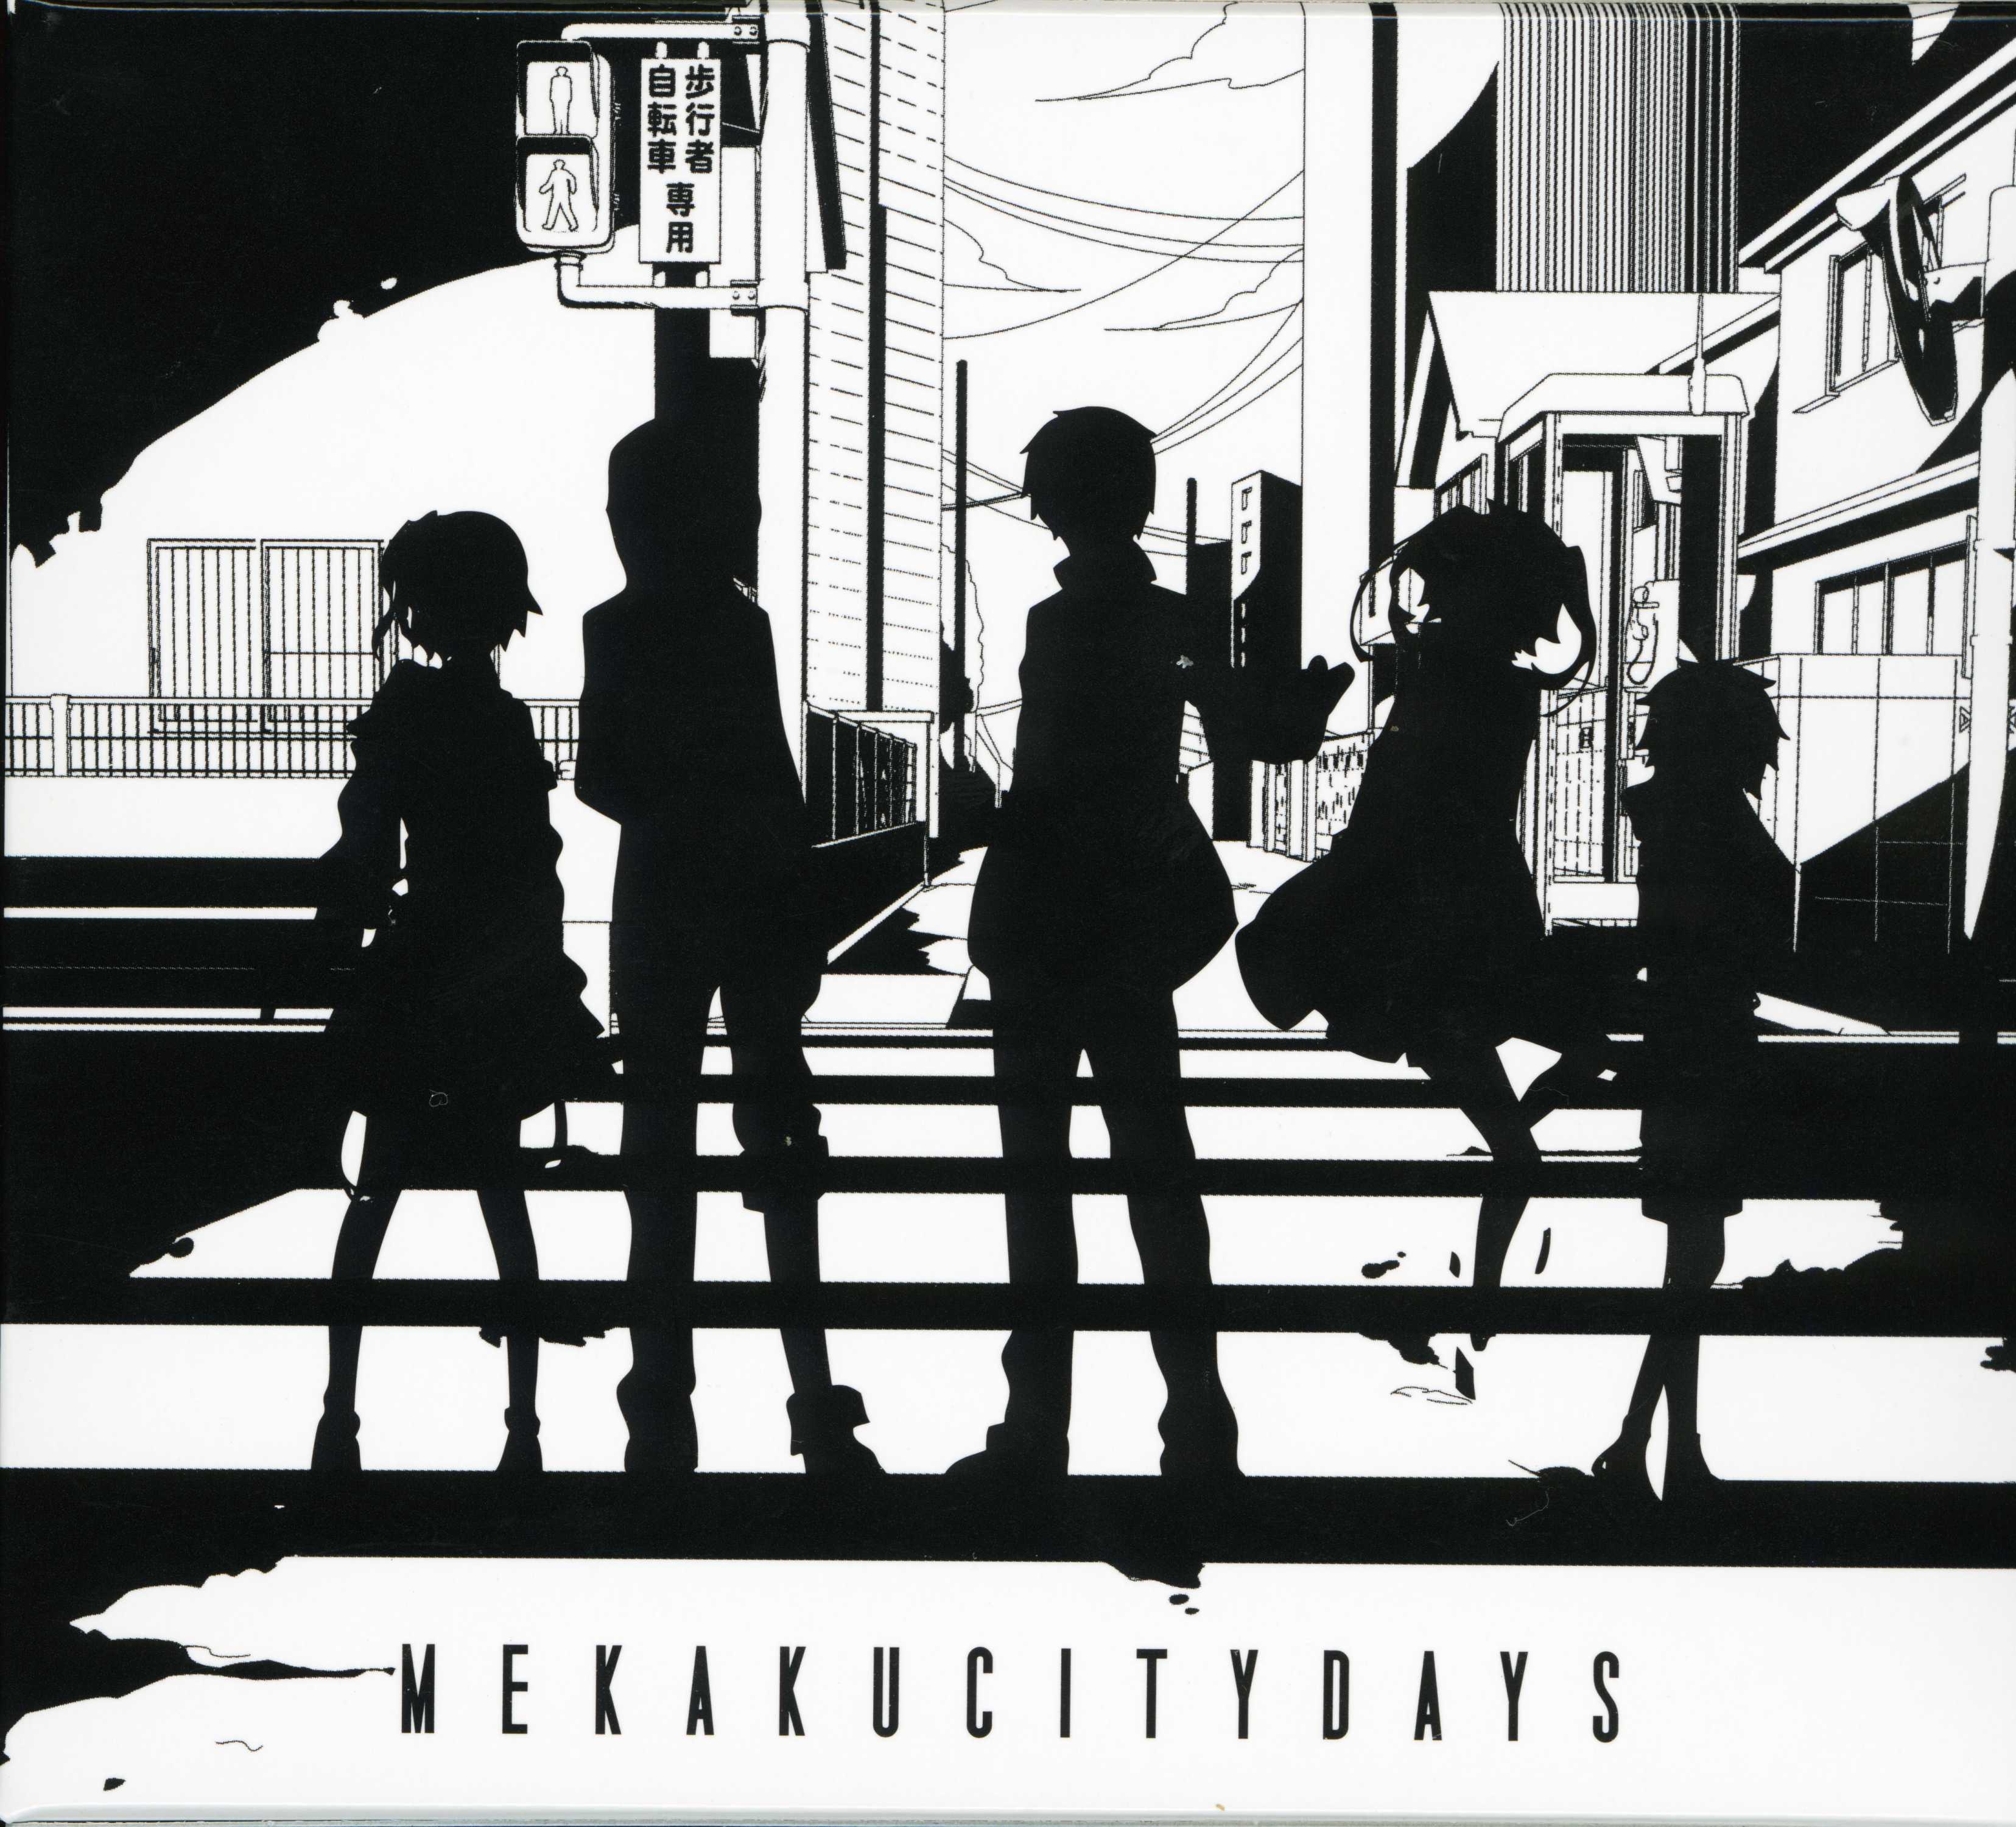 メカクシティデイズ (MEKAKUCITY DAYS) (album)